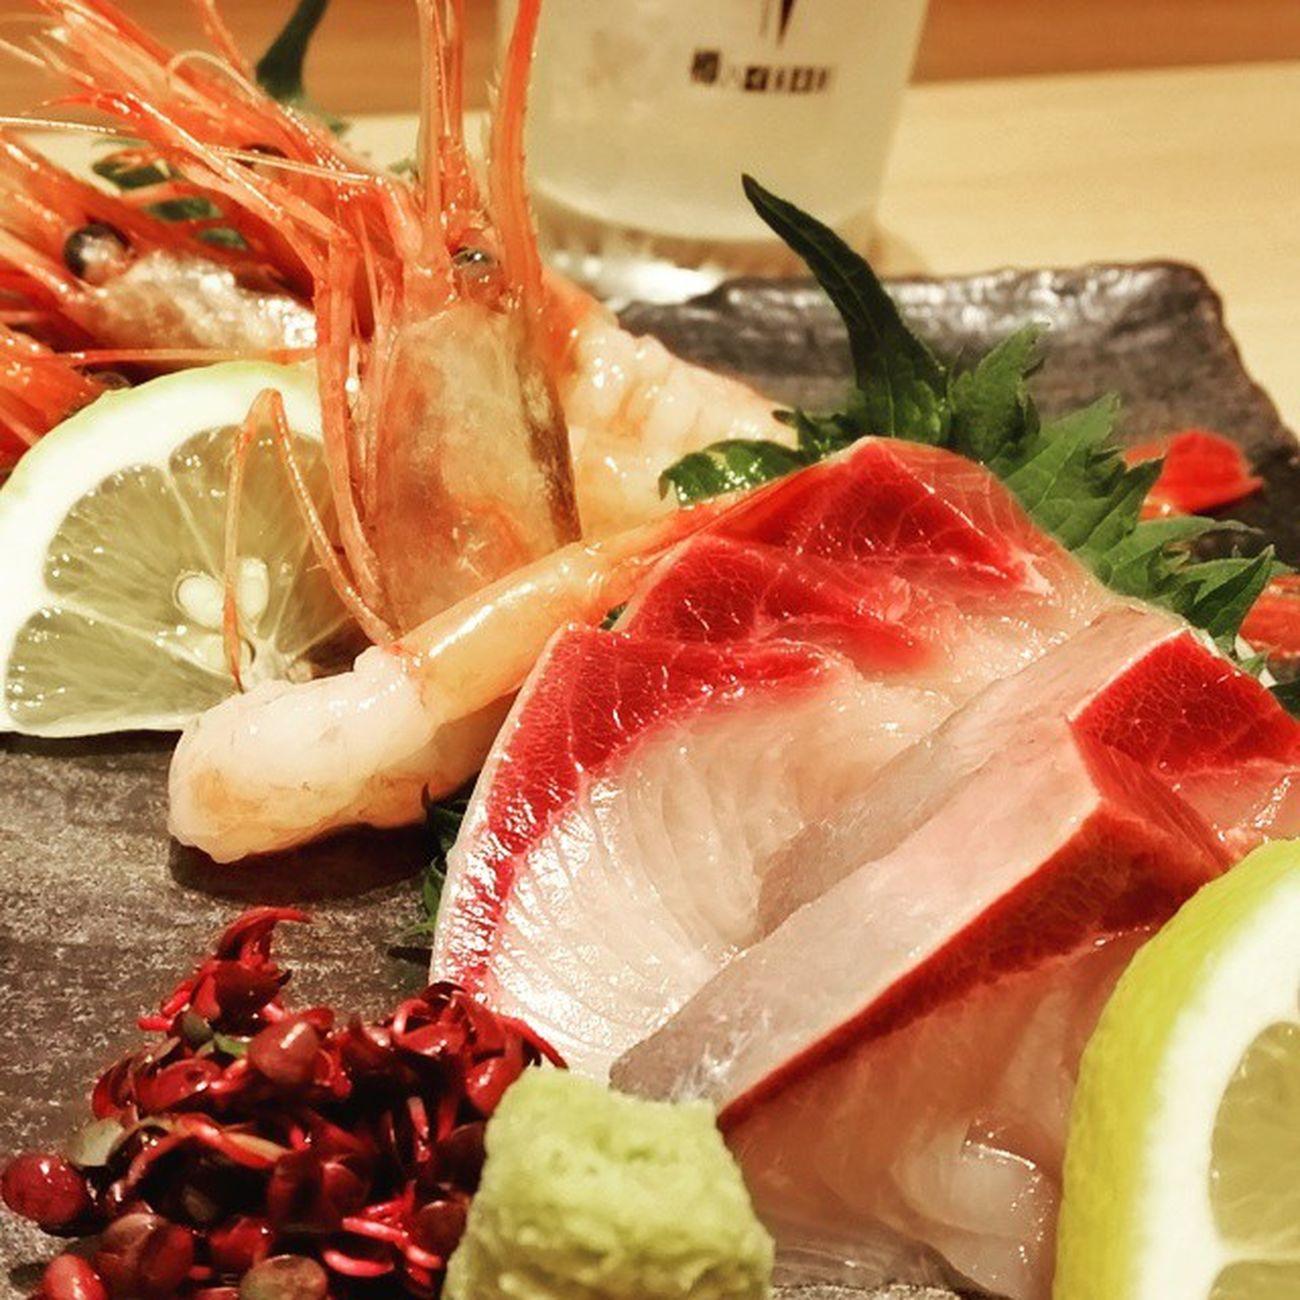 お昼ごはん。この時間まで引っ張った腹いせにお刺身投下。 この後梅田で飲める人、もしいらしたらご一報くださいませ。 Yellowtail & Sweet Shrimp at Sushi-Bar in Osaka.